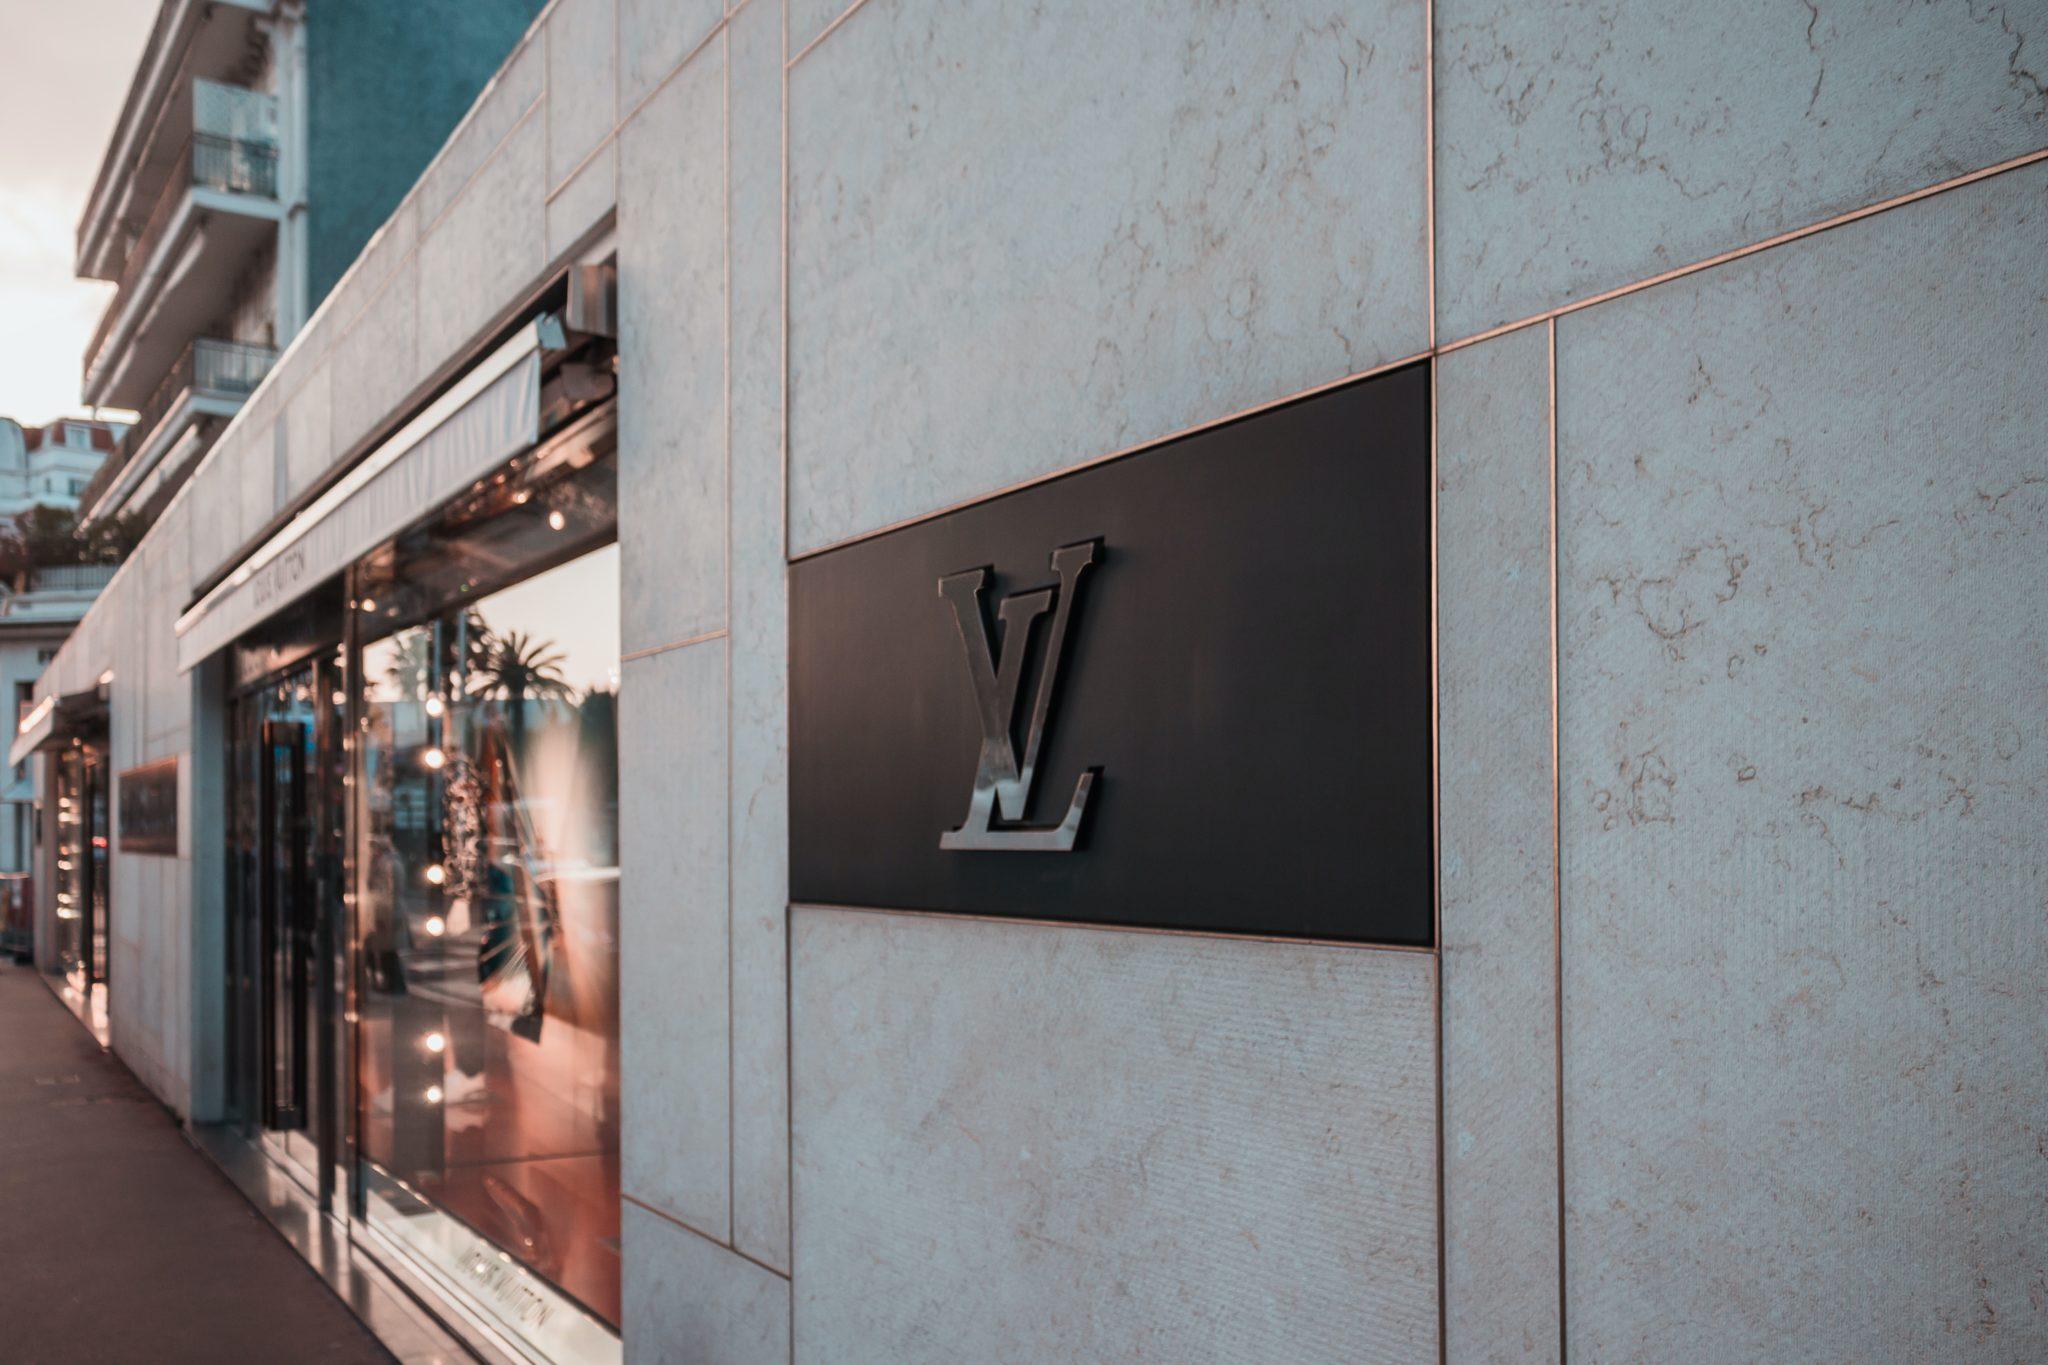 Louis Vuitton signage